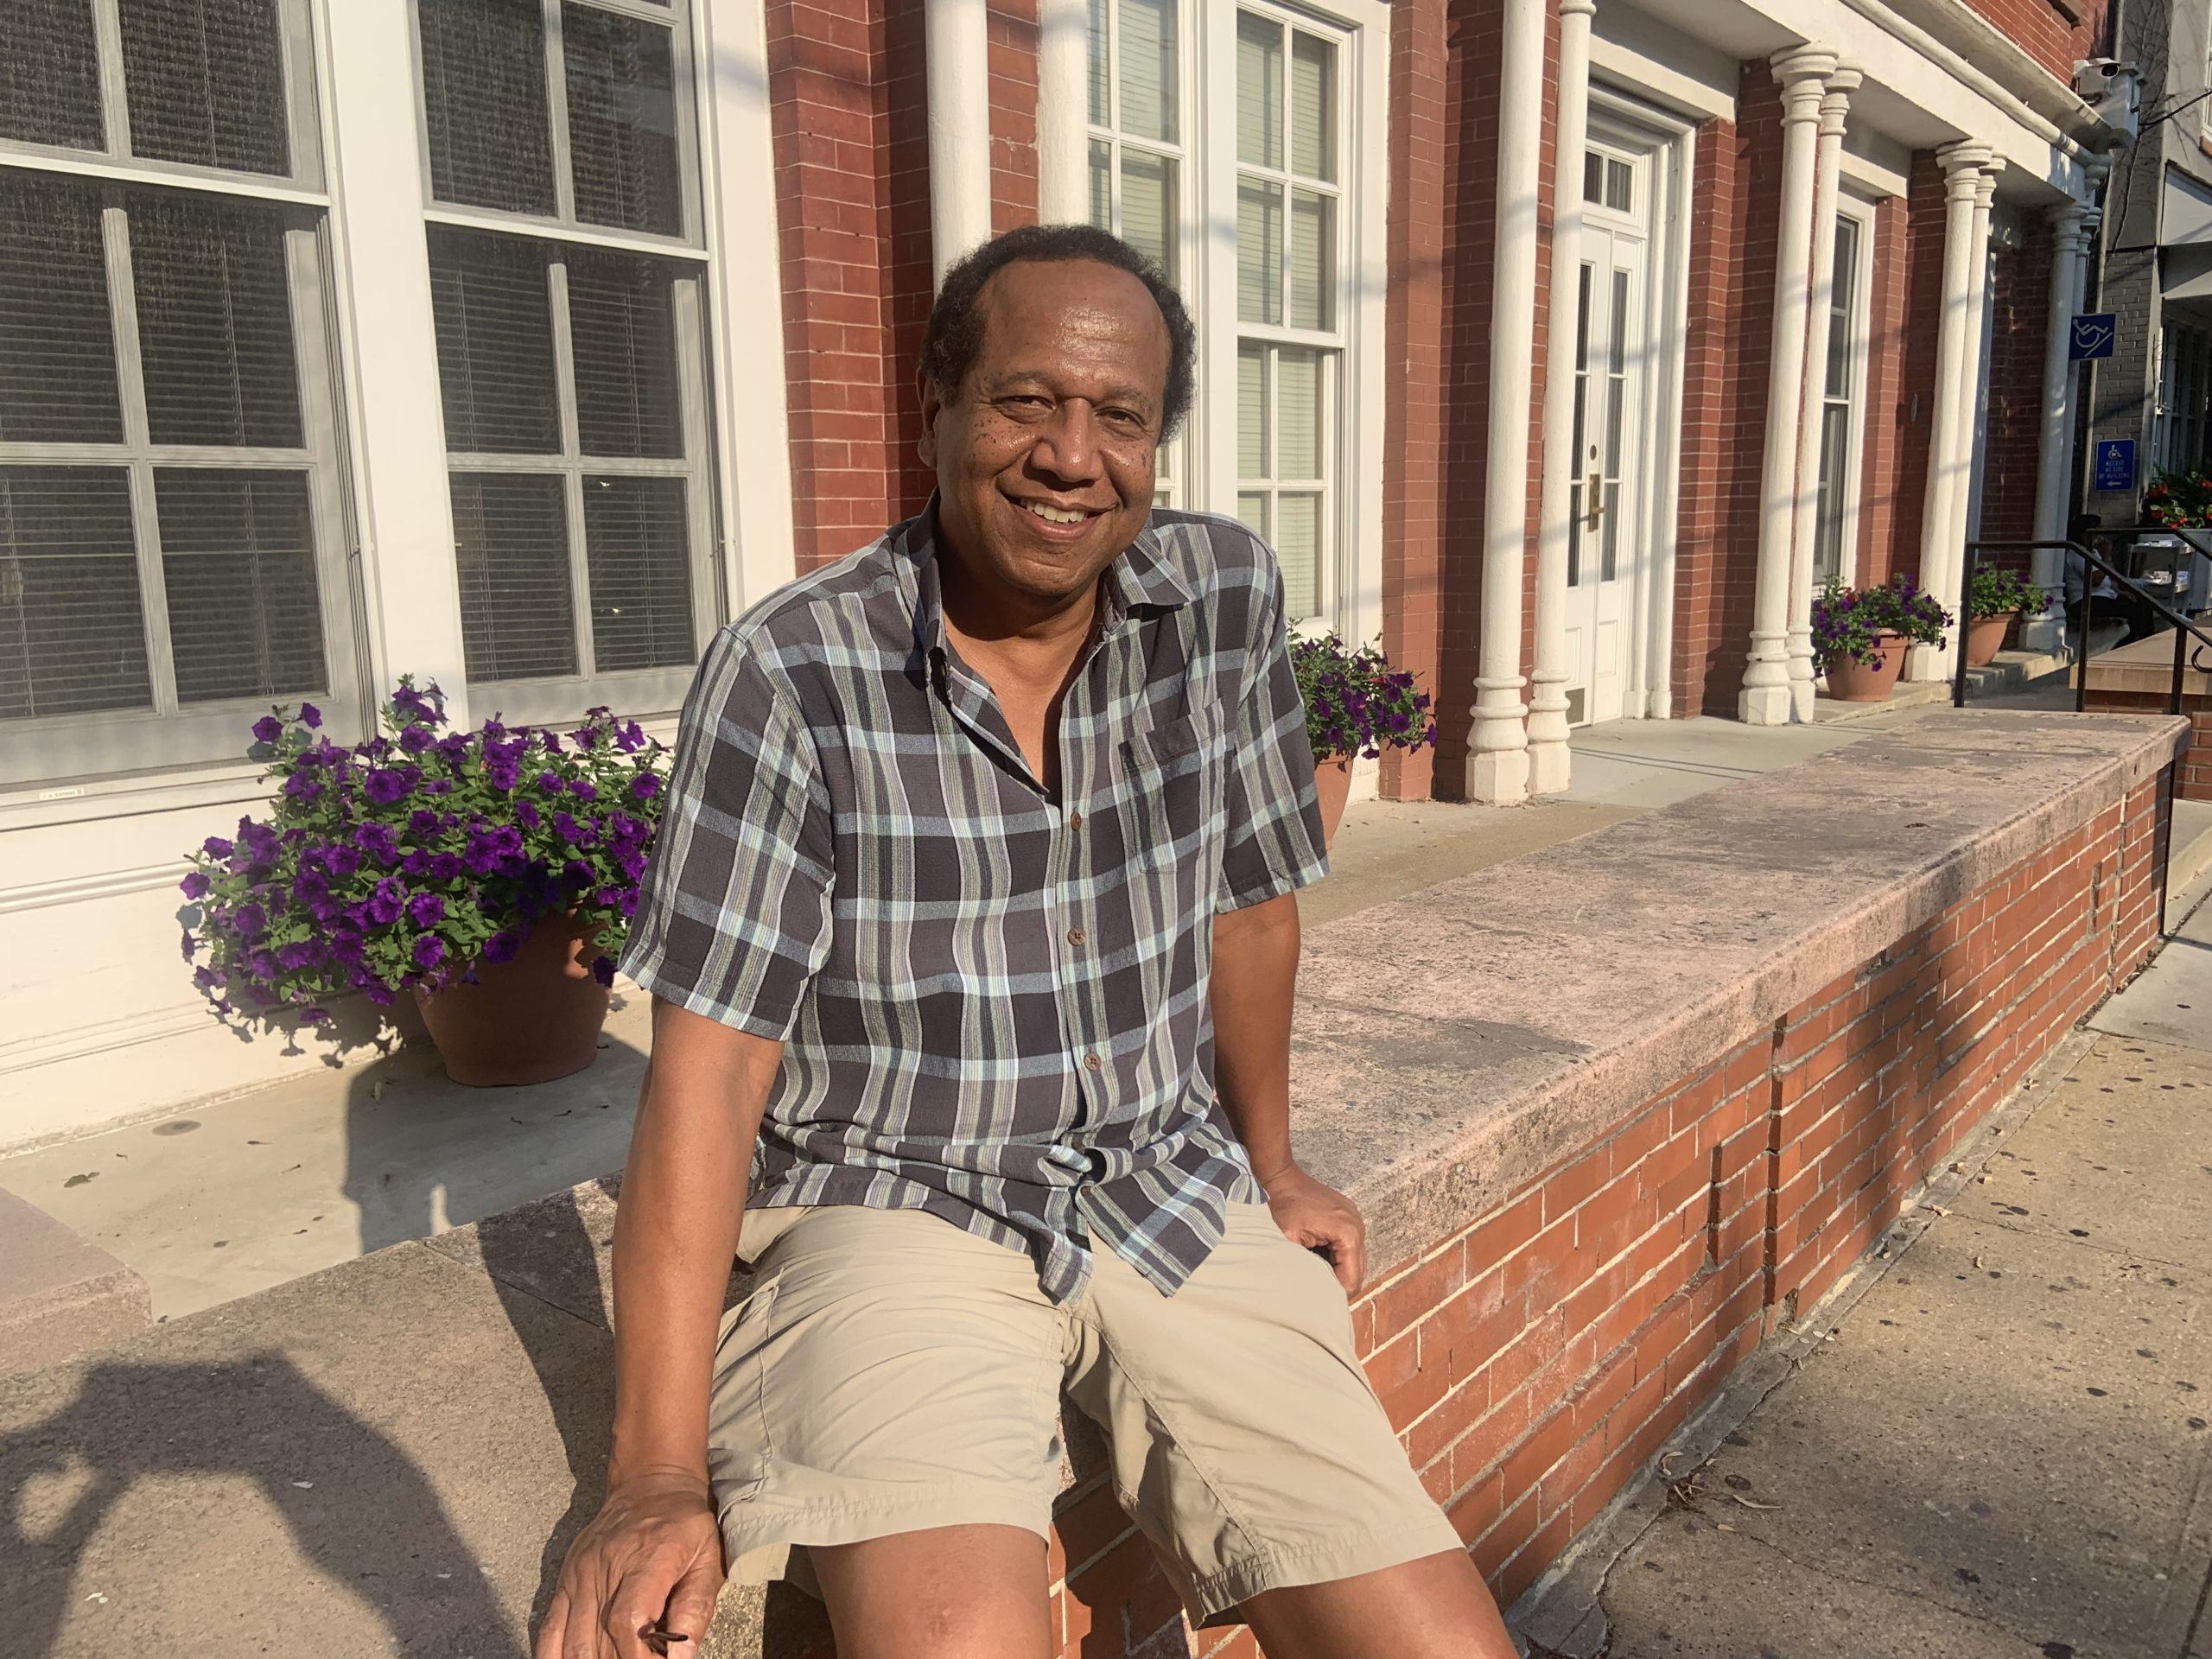 New Sag Harbor Village Trustee Ed Haye. STEPHEN J. KOTZ